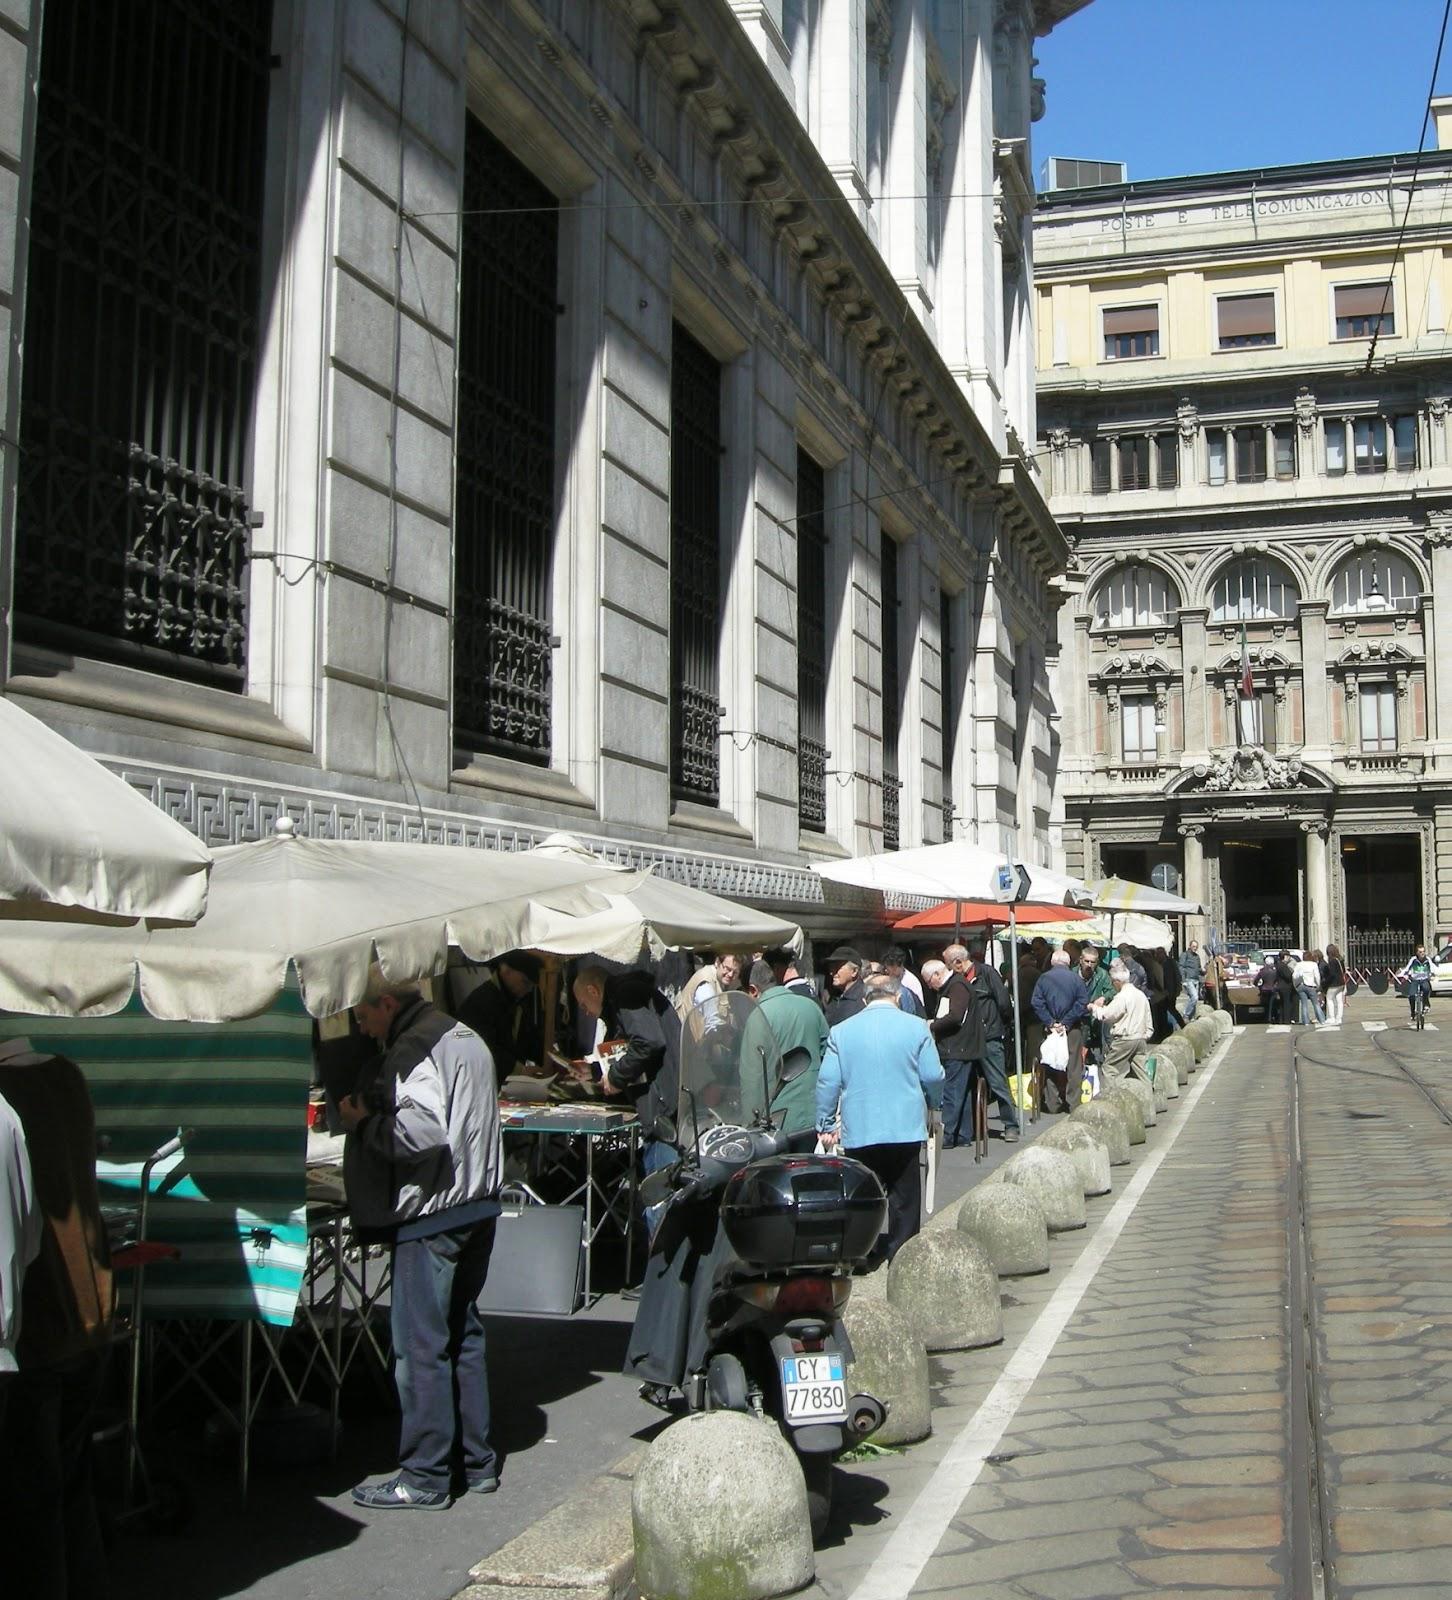 Olonaweb milano mercatino numismatico di via armorari for Il mercatino milano